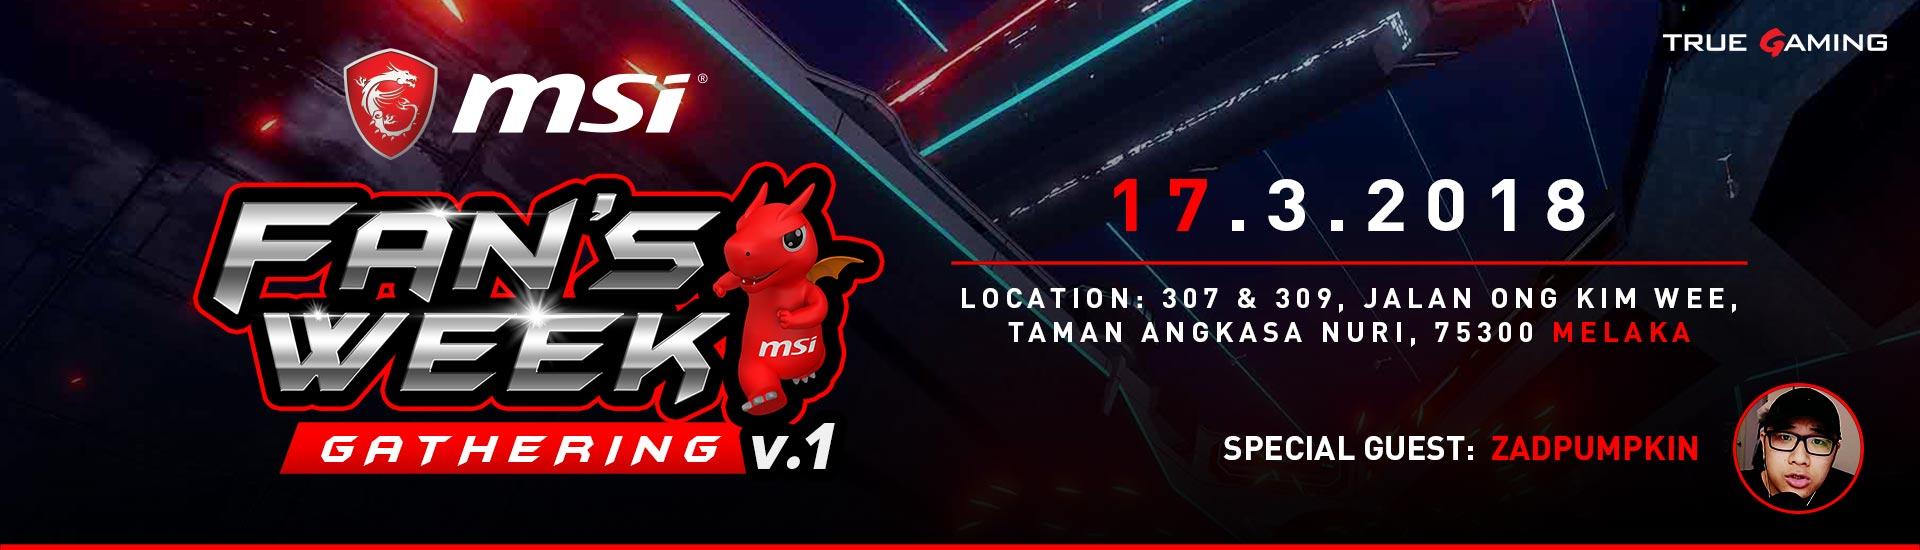 20180317- MSI Fans Week V1